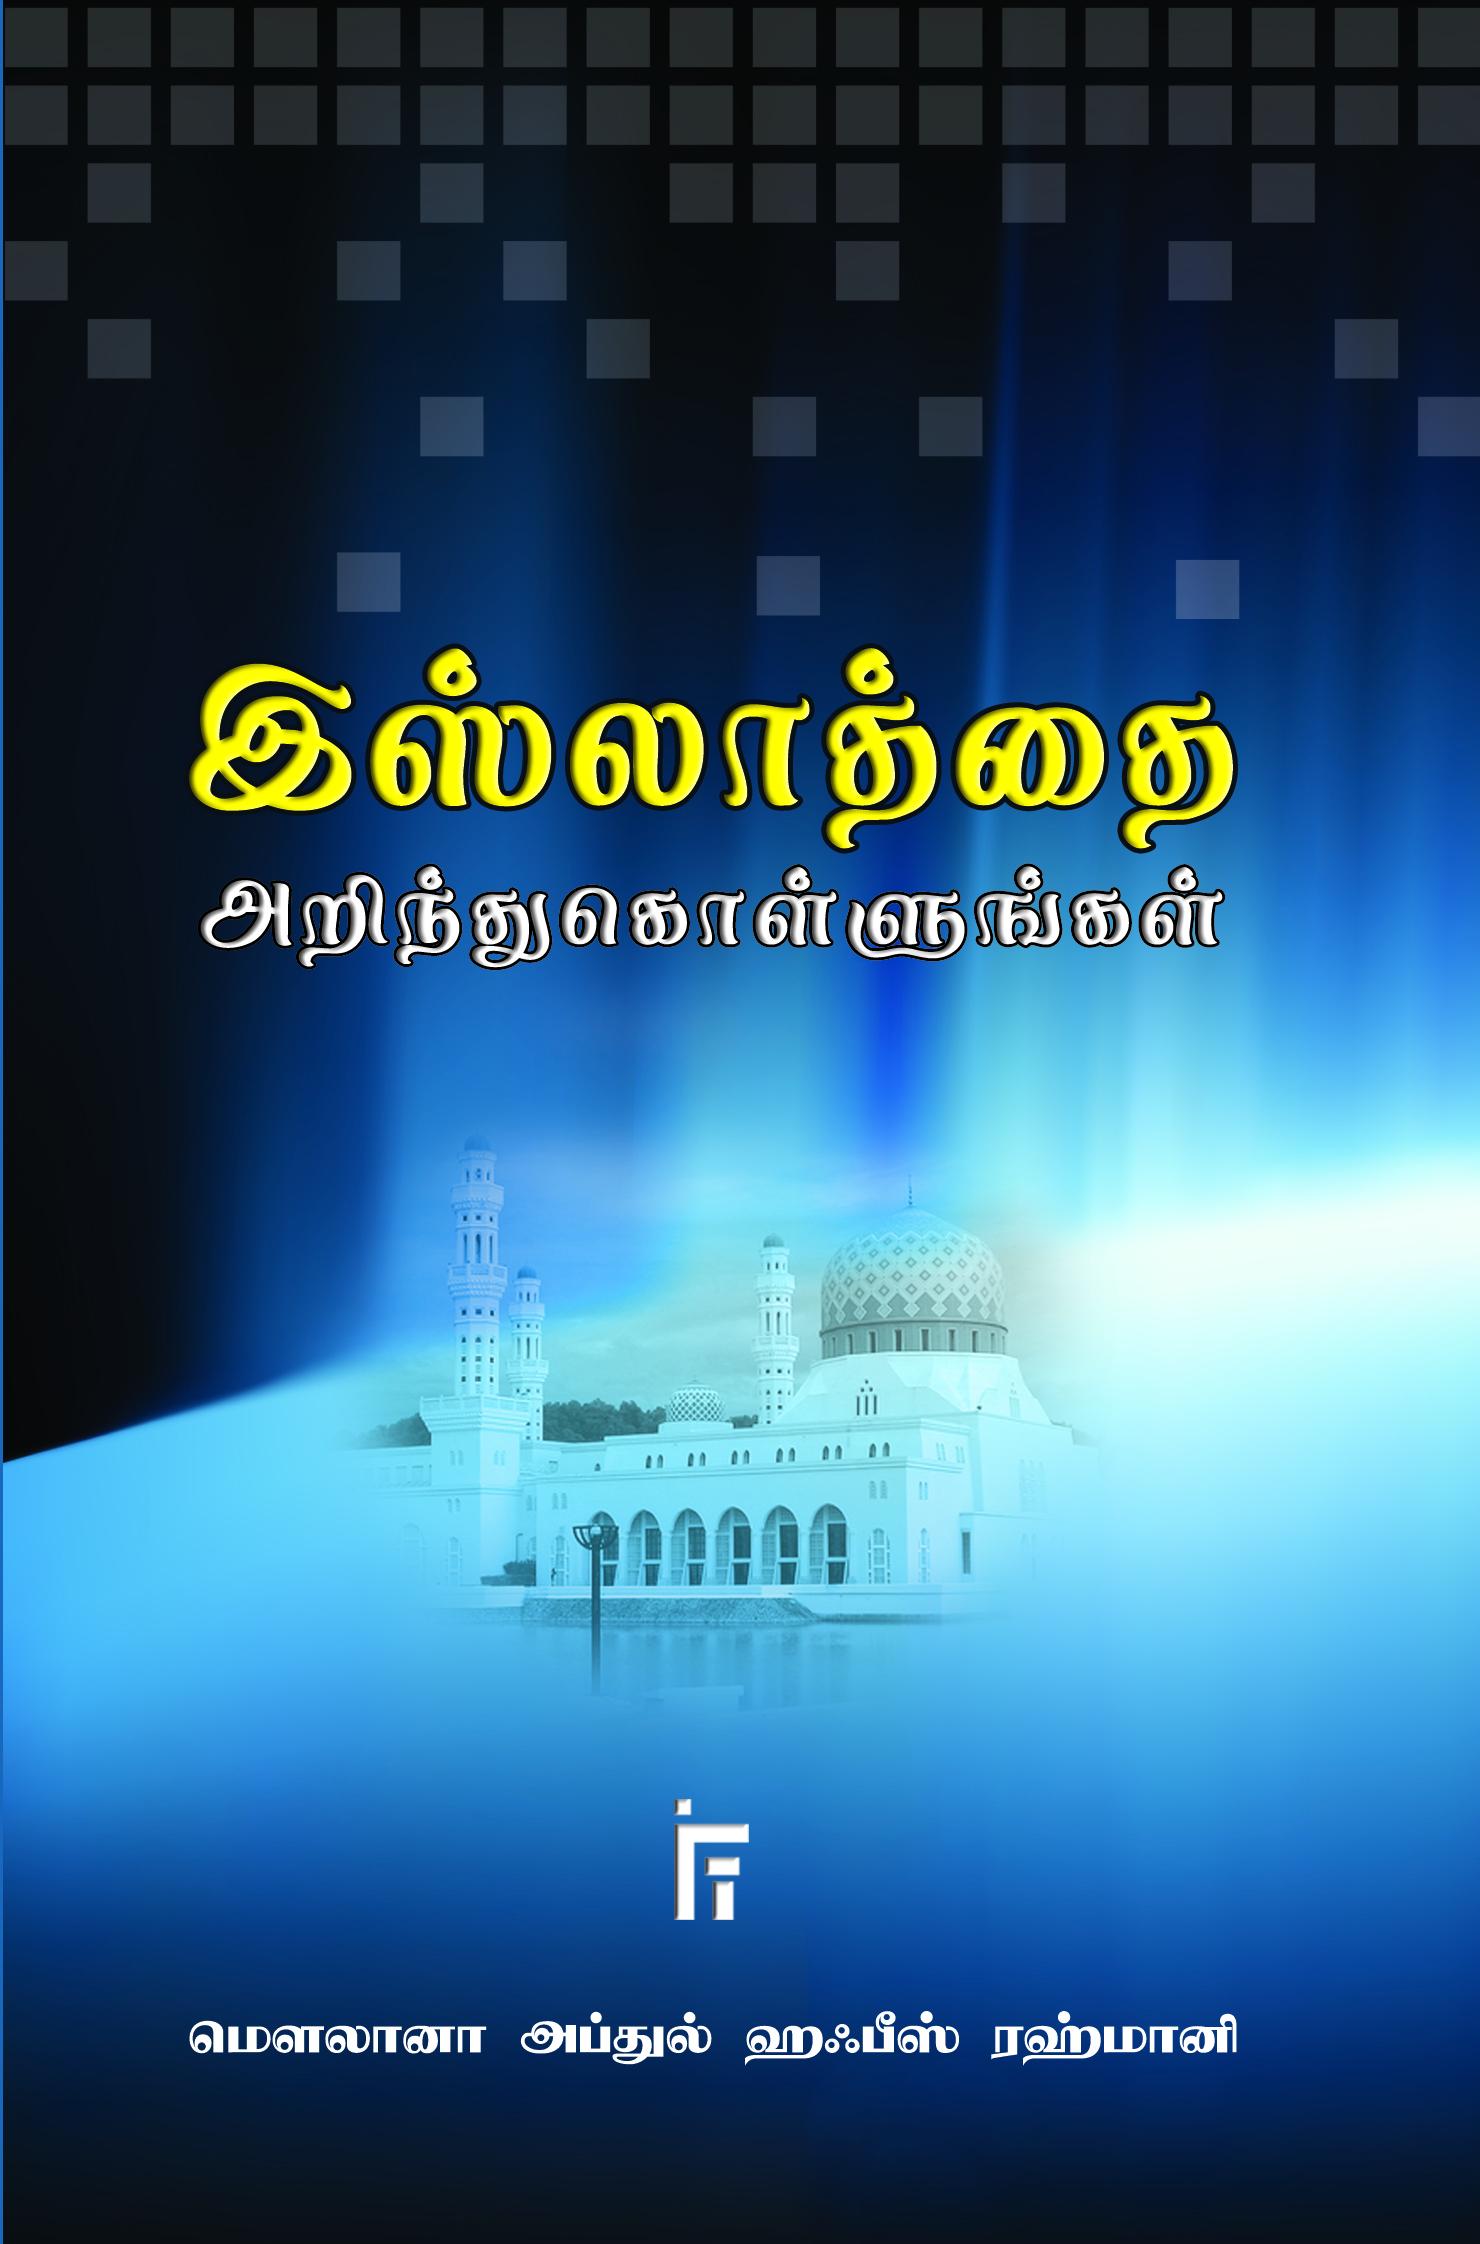 இஸ்லாத்தை அறிந்து கொள்ளுங்கள்-Islathai arinthu kollunkaḷ